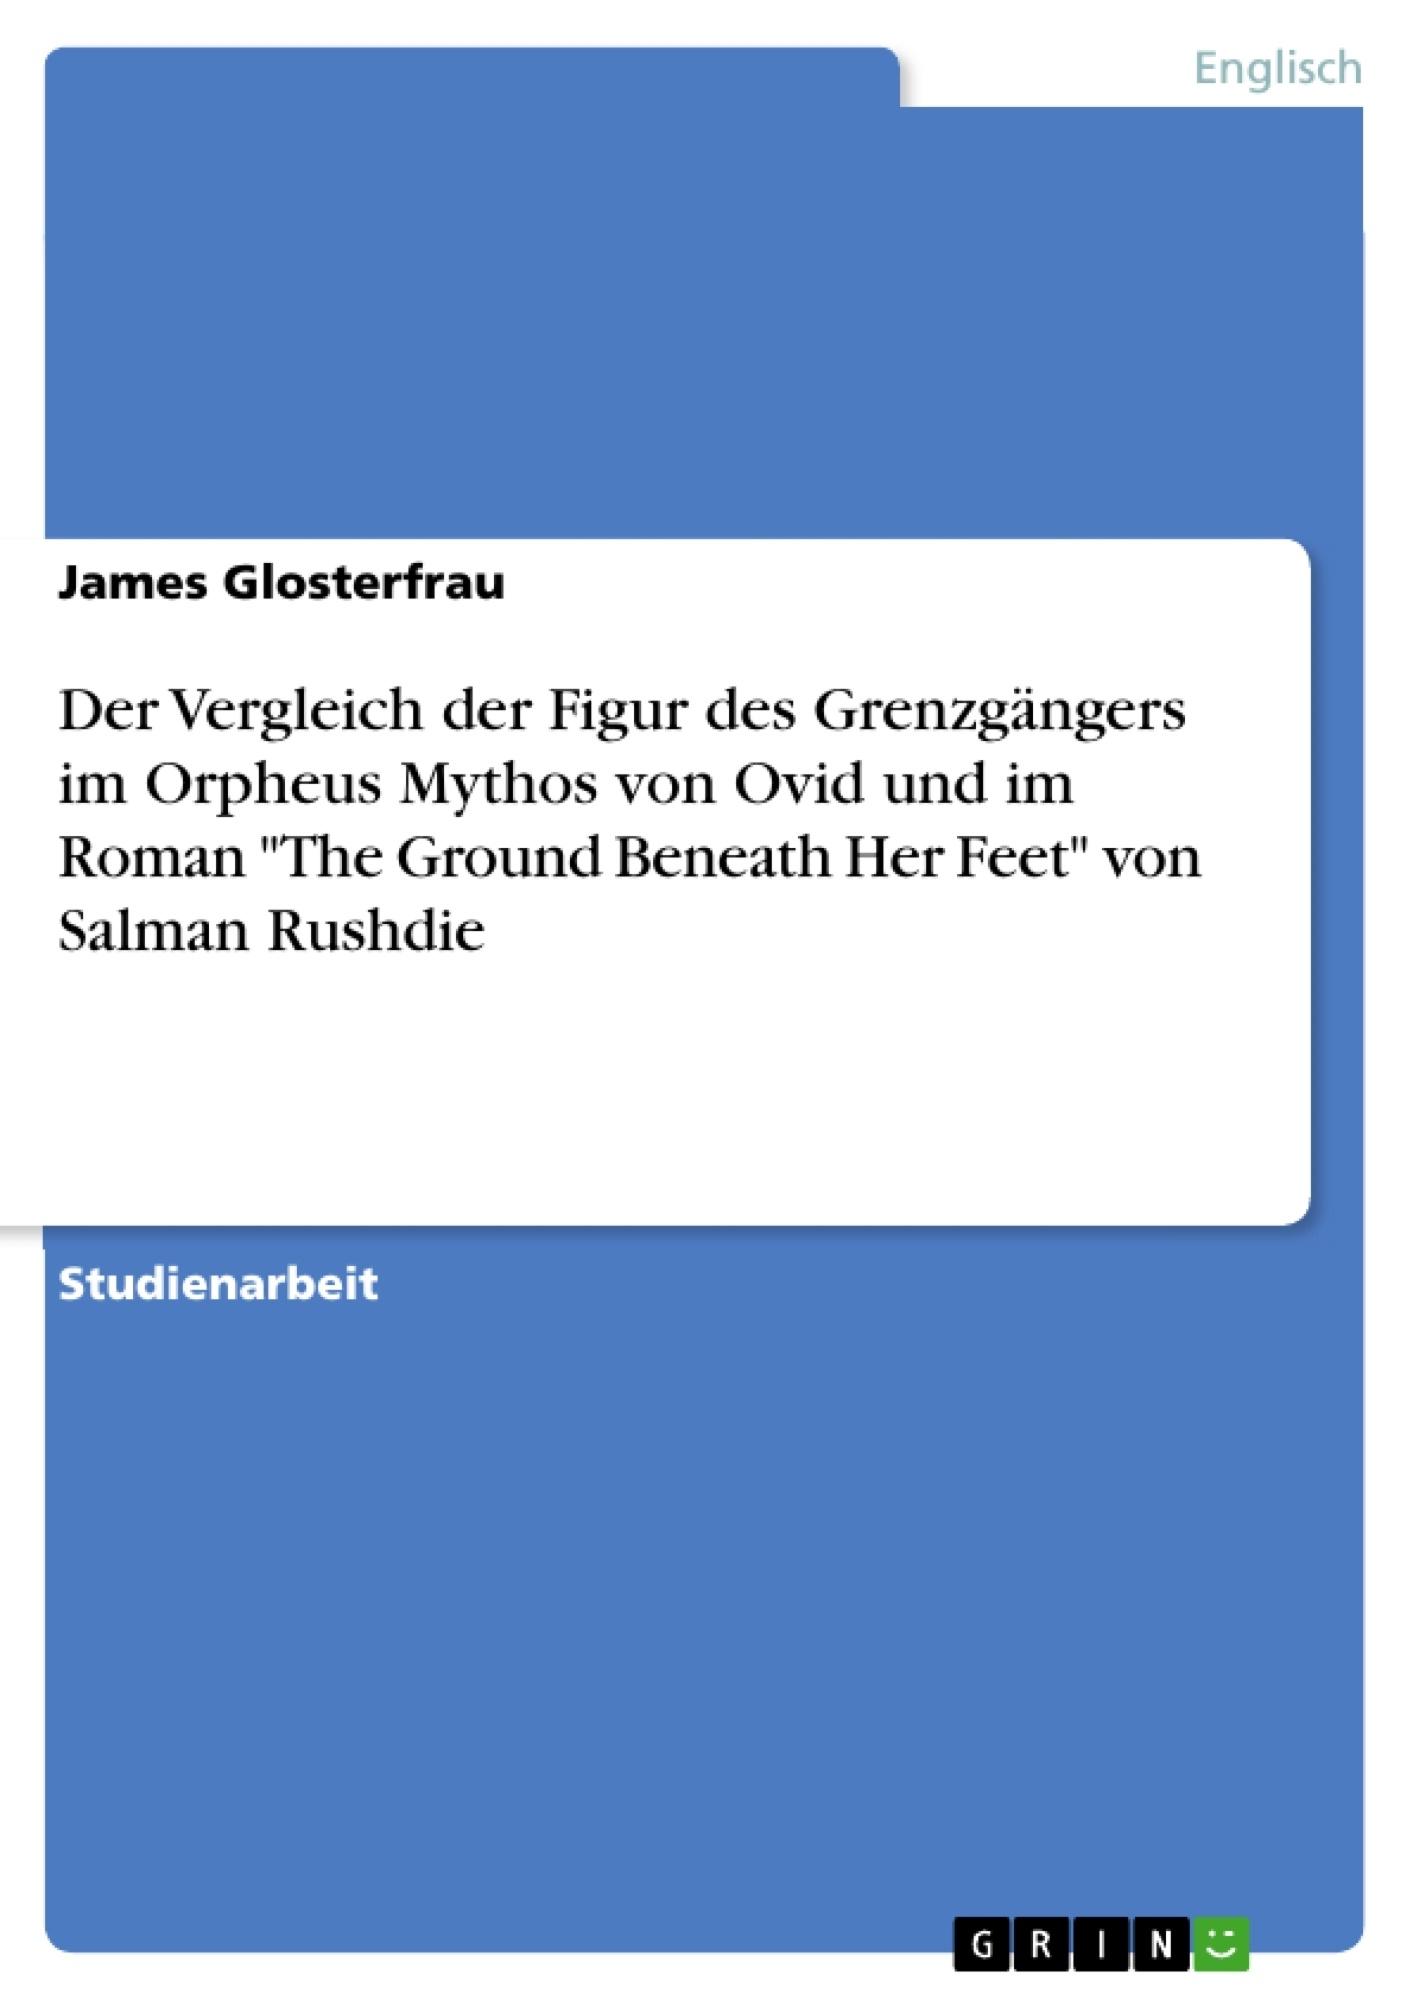 """Titel: Der Vergleich der Figur des Grenzgängers im Orpheus Mythos von Ovid und im Roman """"The Ground Beneath Her Feet"""" von Salman Rushdie"""